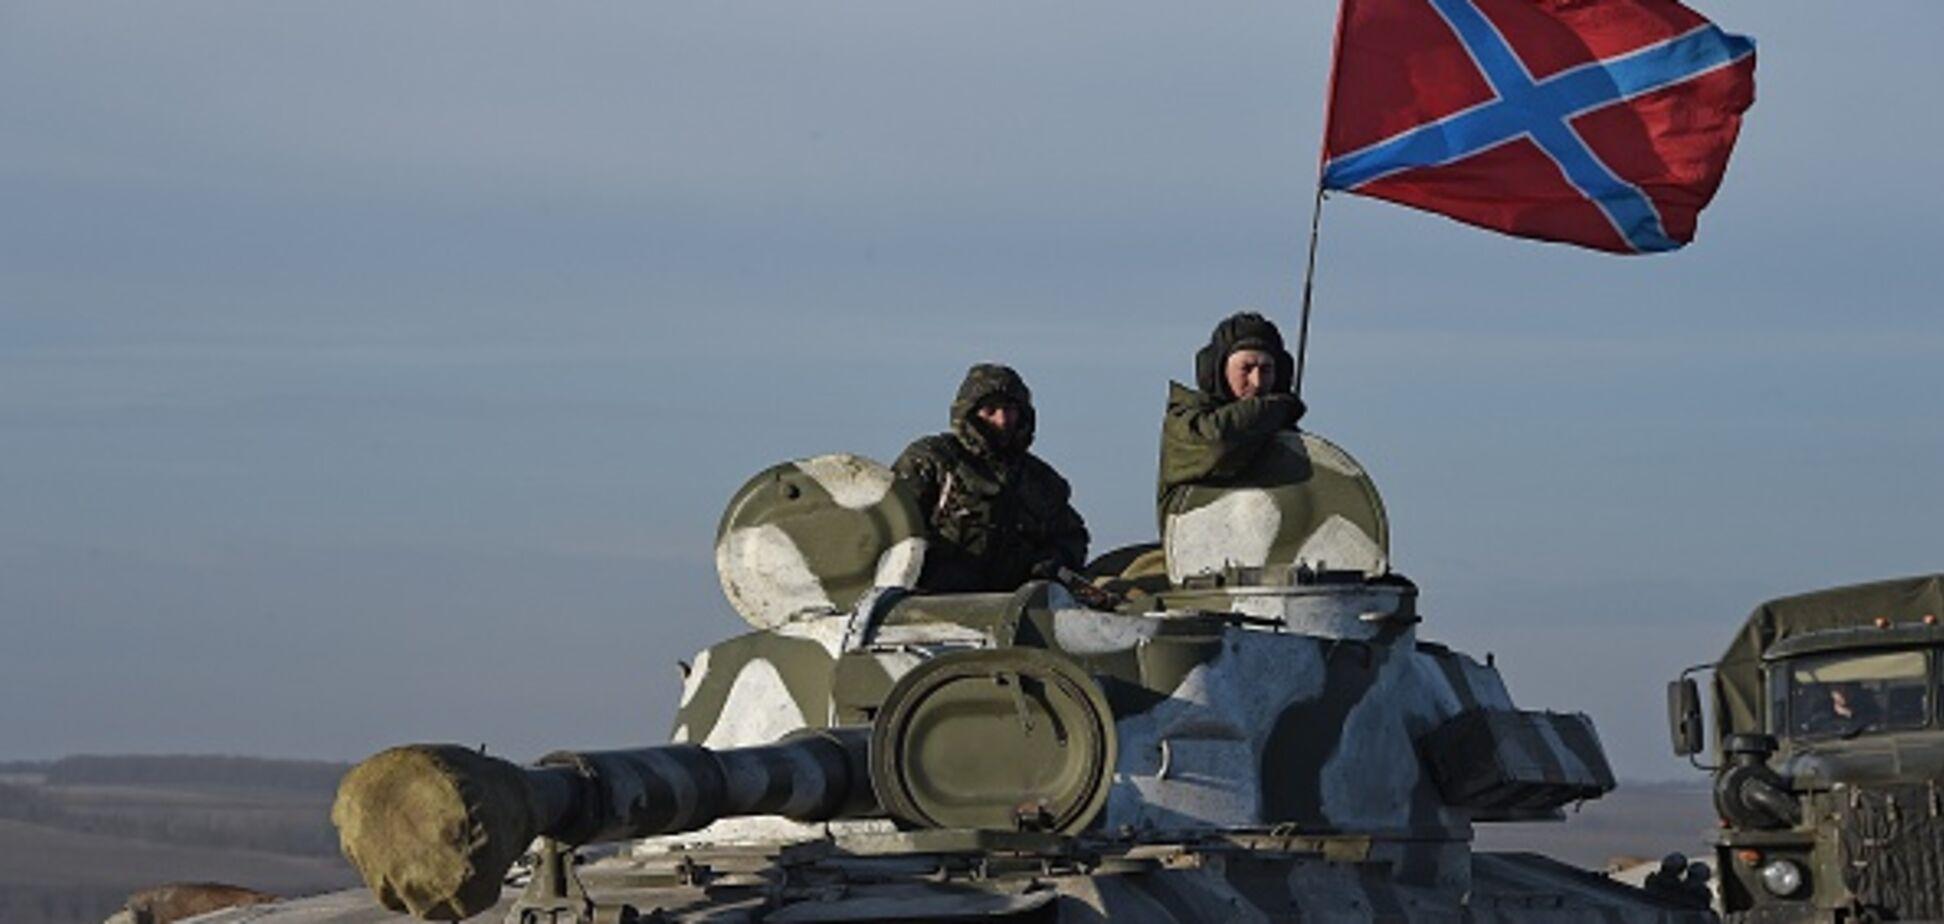 Все в военкоматы: в 'ЛНР' объявили масштабную 'мобилизацию'